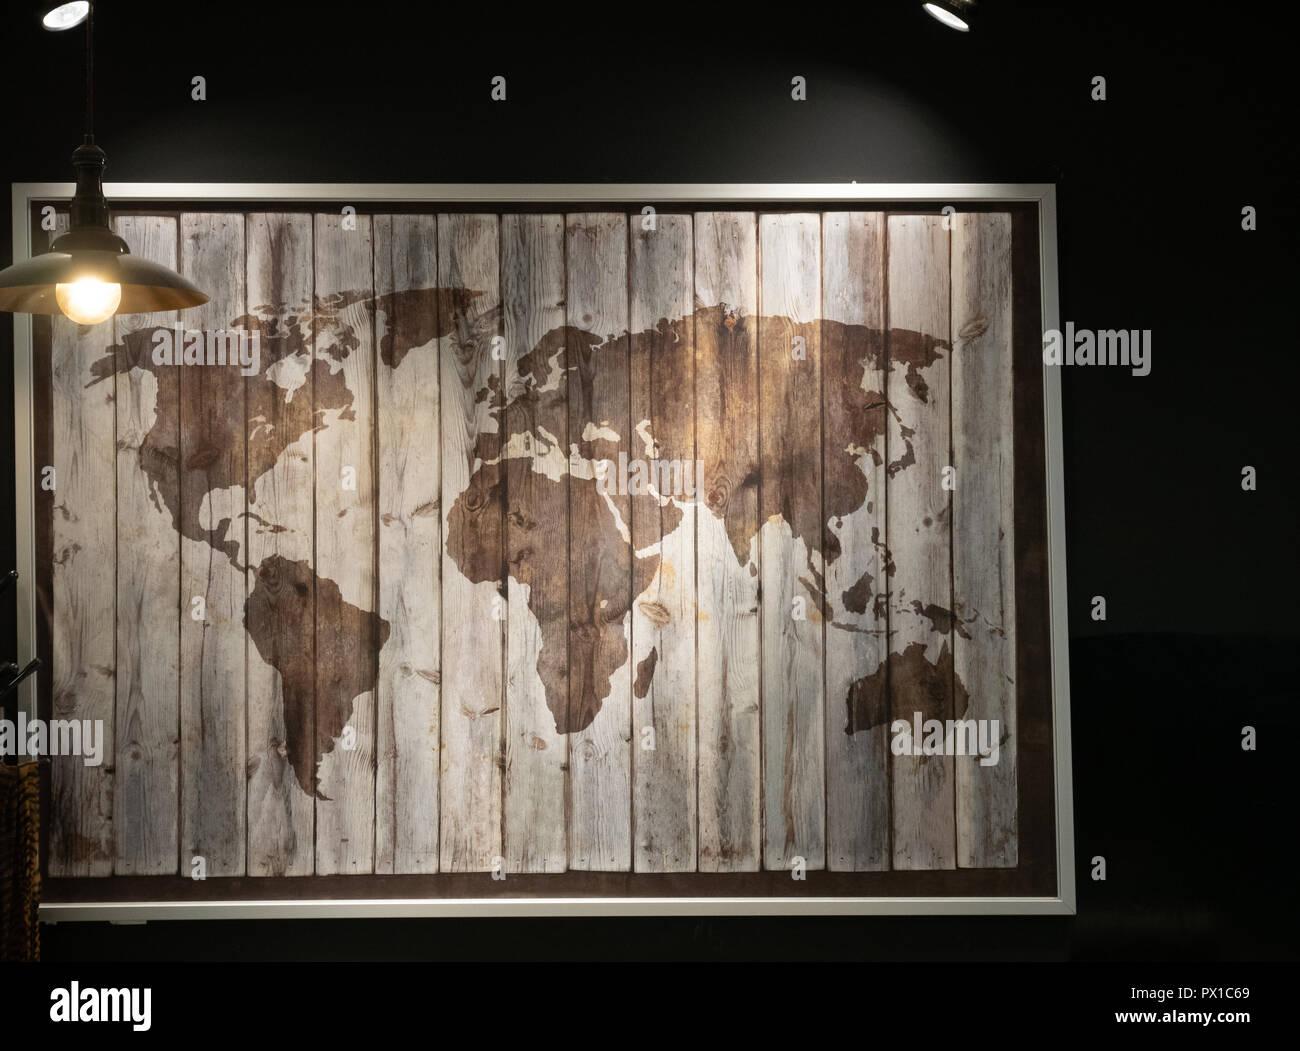 Holz Weltkarte An Der Wand Im Cafe Restaurant Unter Dim Low Light